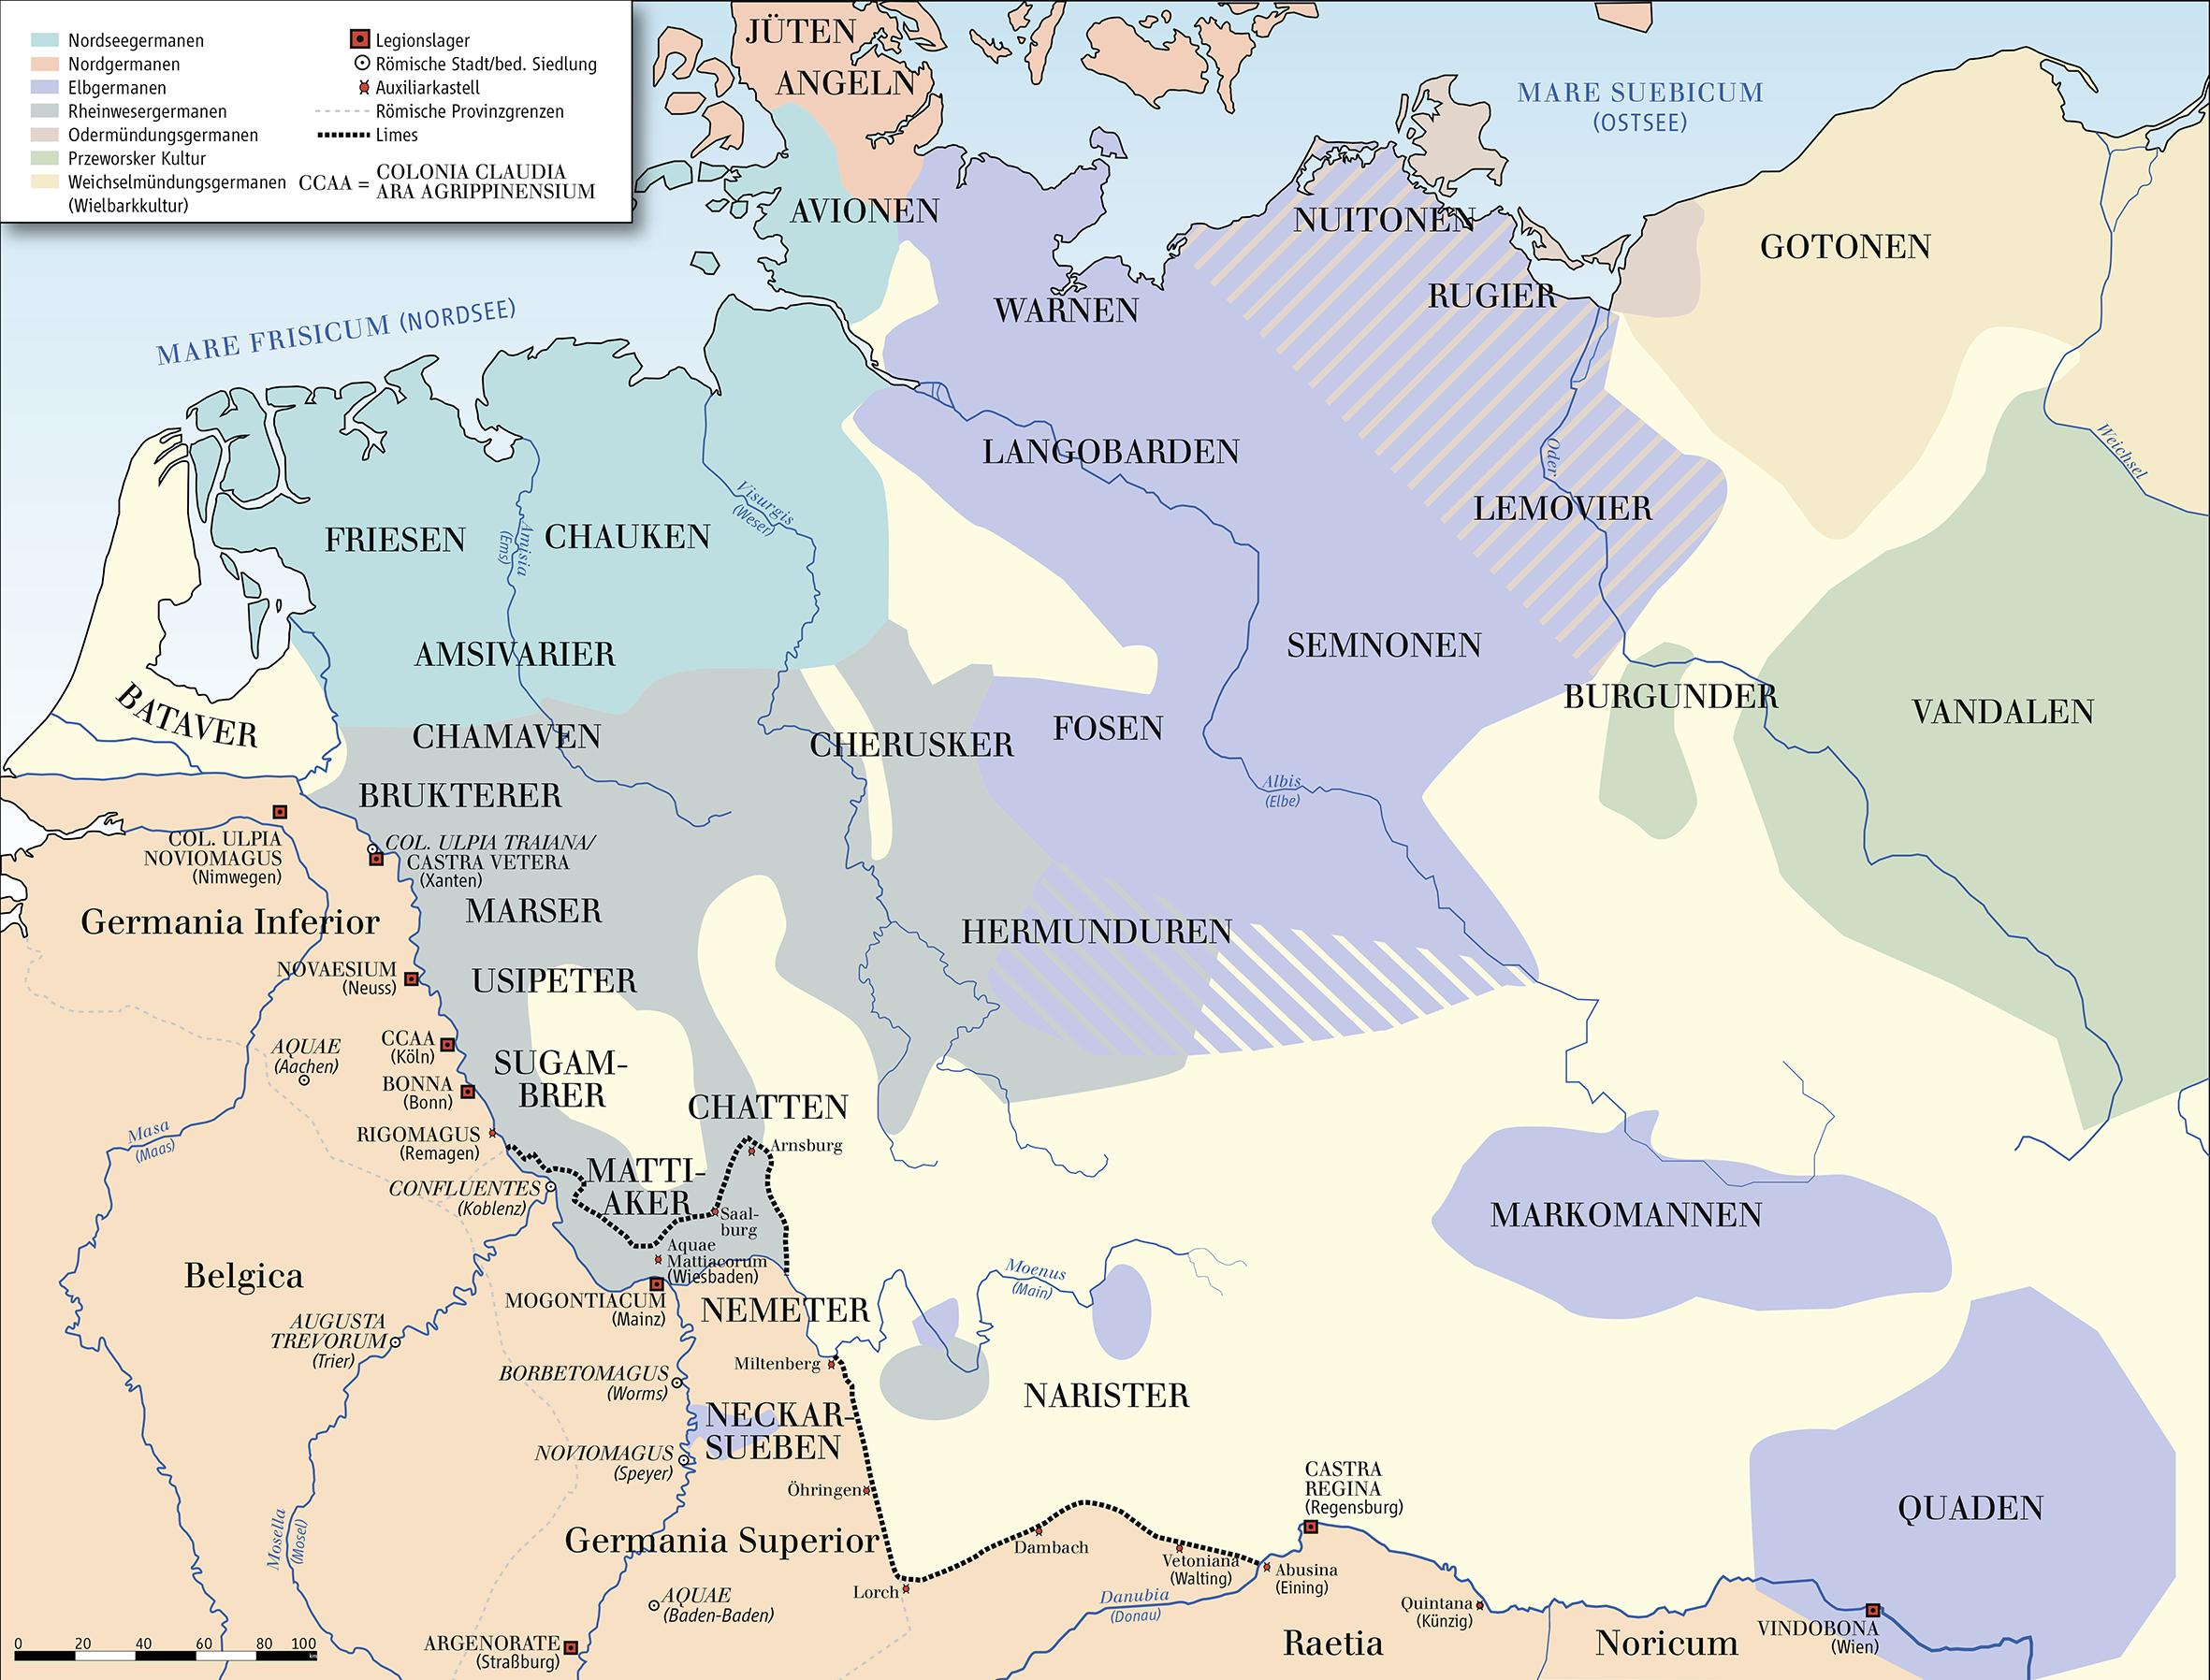 Karte der germanischen Stämme zwischen 50 und 100 n.Chr.